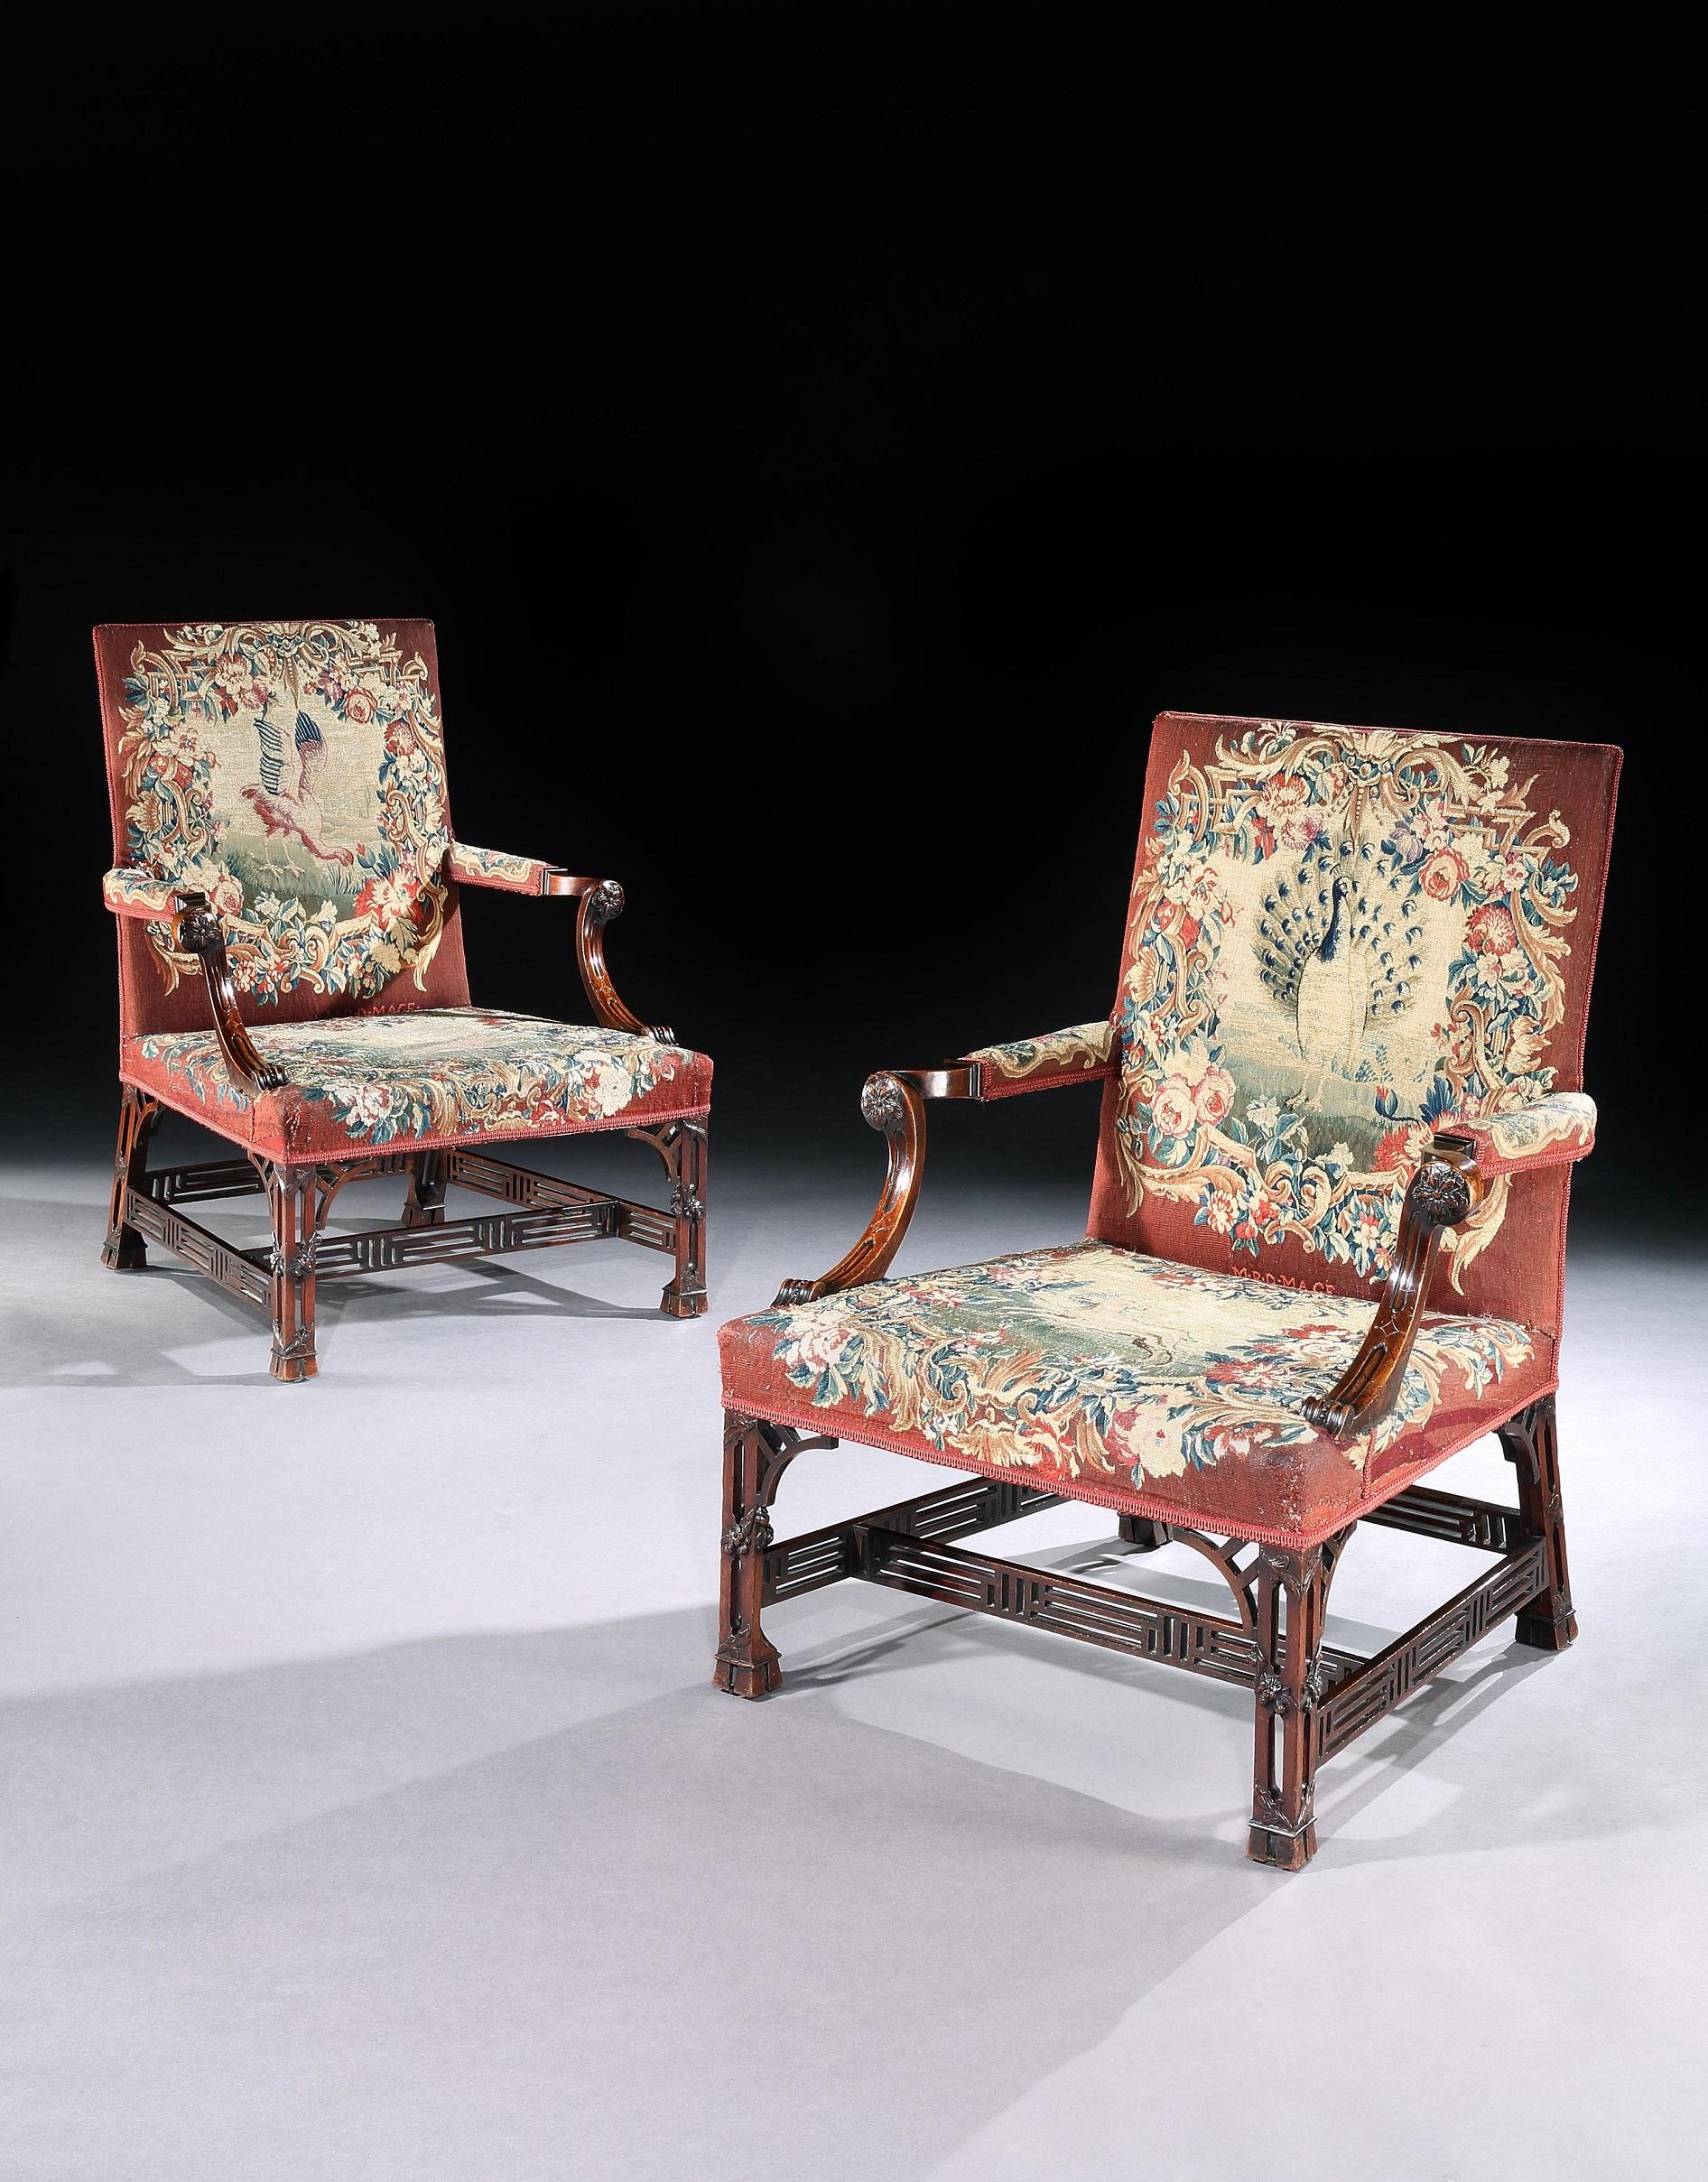 Arm morris catlin bow comfortable bow chair arm arm chairs bow arm - Arm Morris Catlin Bow Comfortable Bow Chair Arm Arm Chairs Bow Arm 19